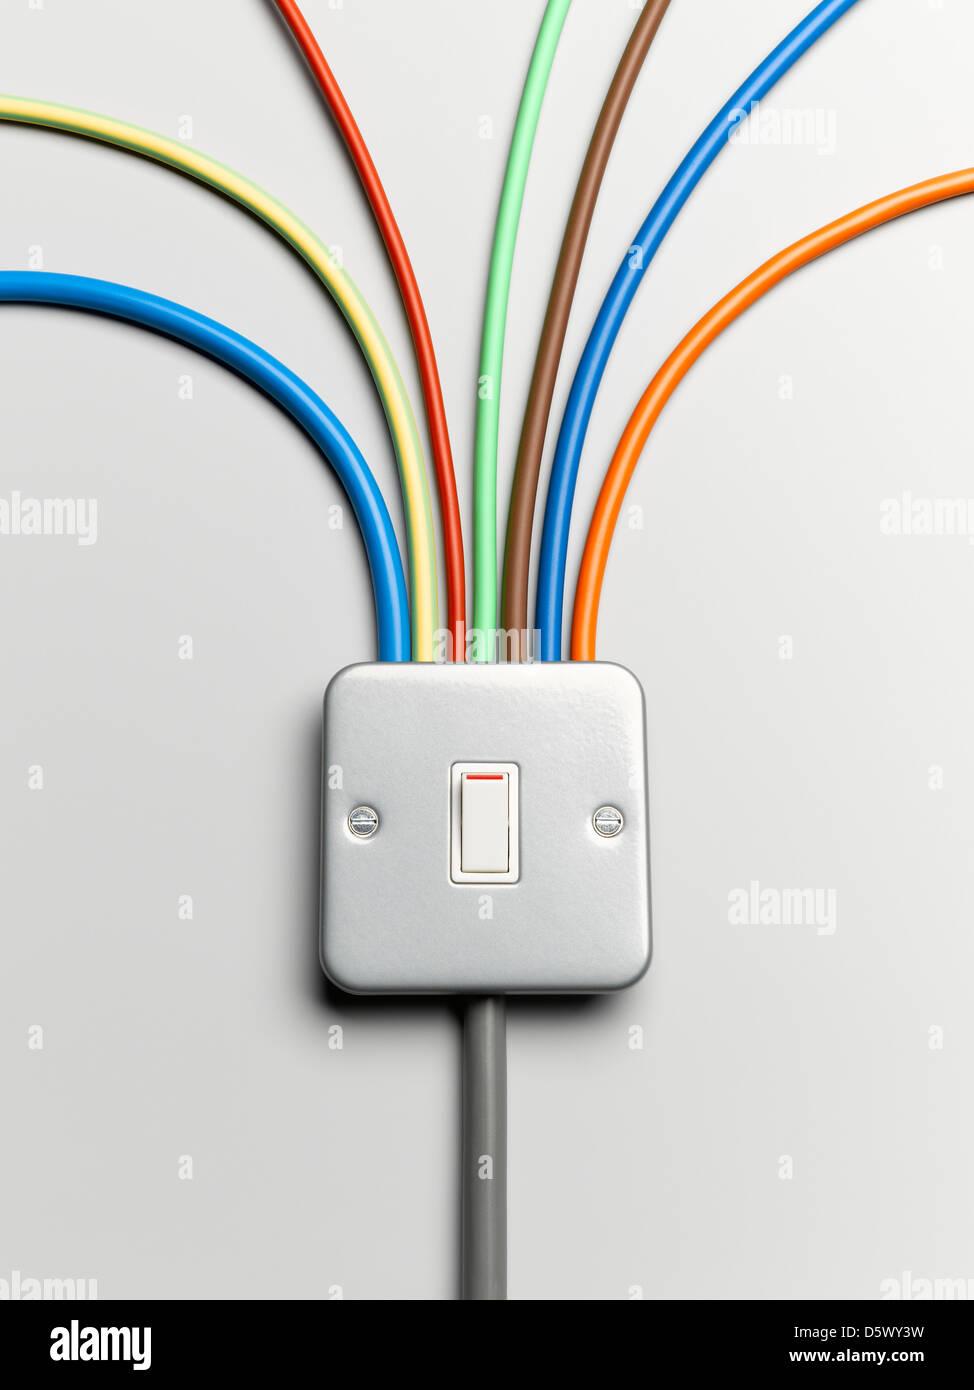 Cabos coloridos a partir do interruptor de luz Imagens de Stock